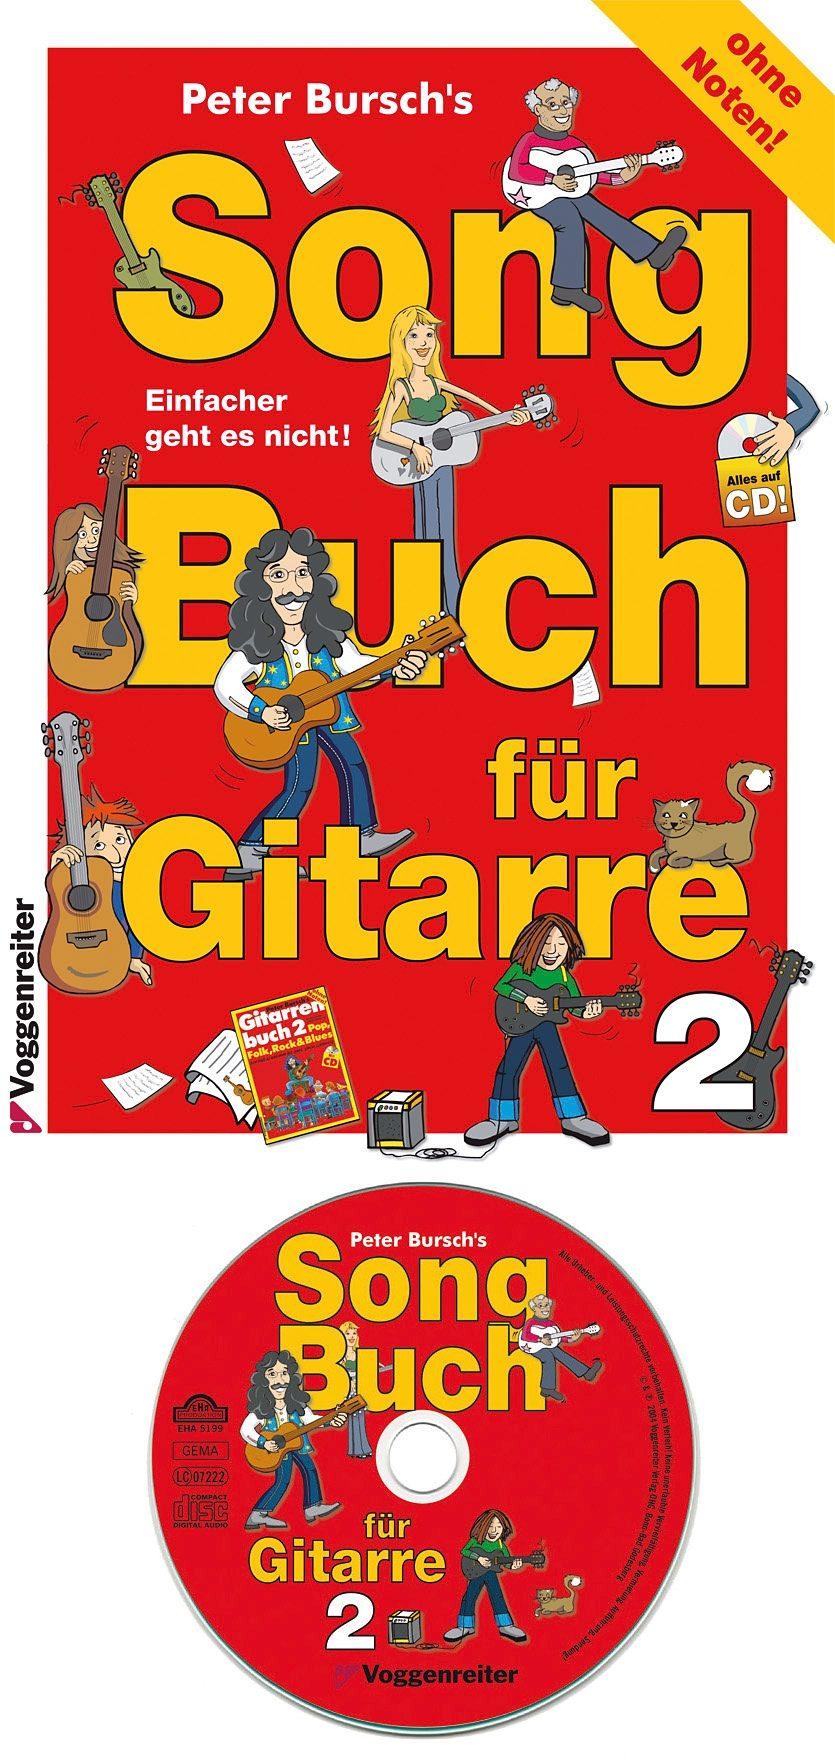 Voggenreiter Gitarre lernen mit Peter Bursch, »Song Buch für Gitarre 2«